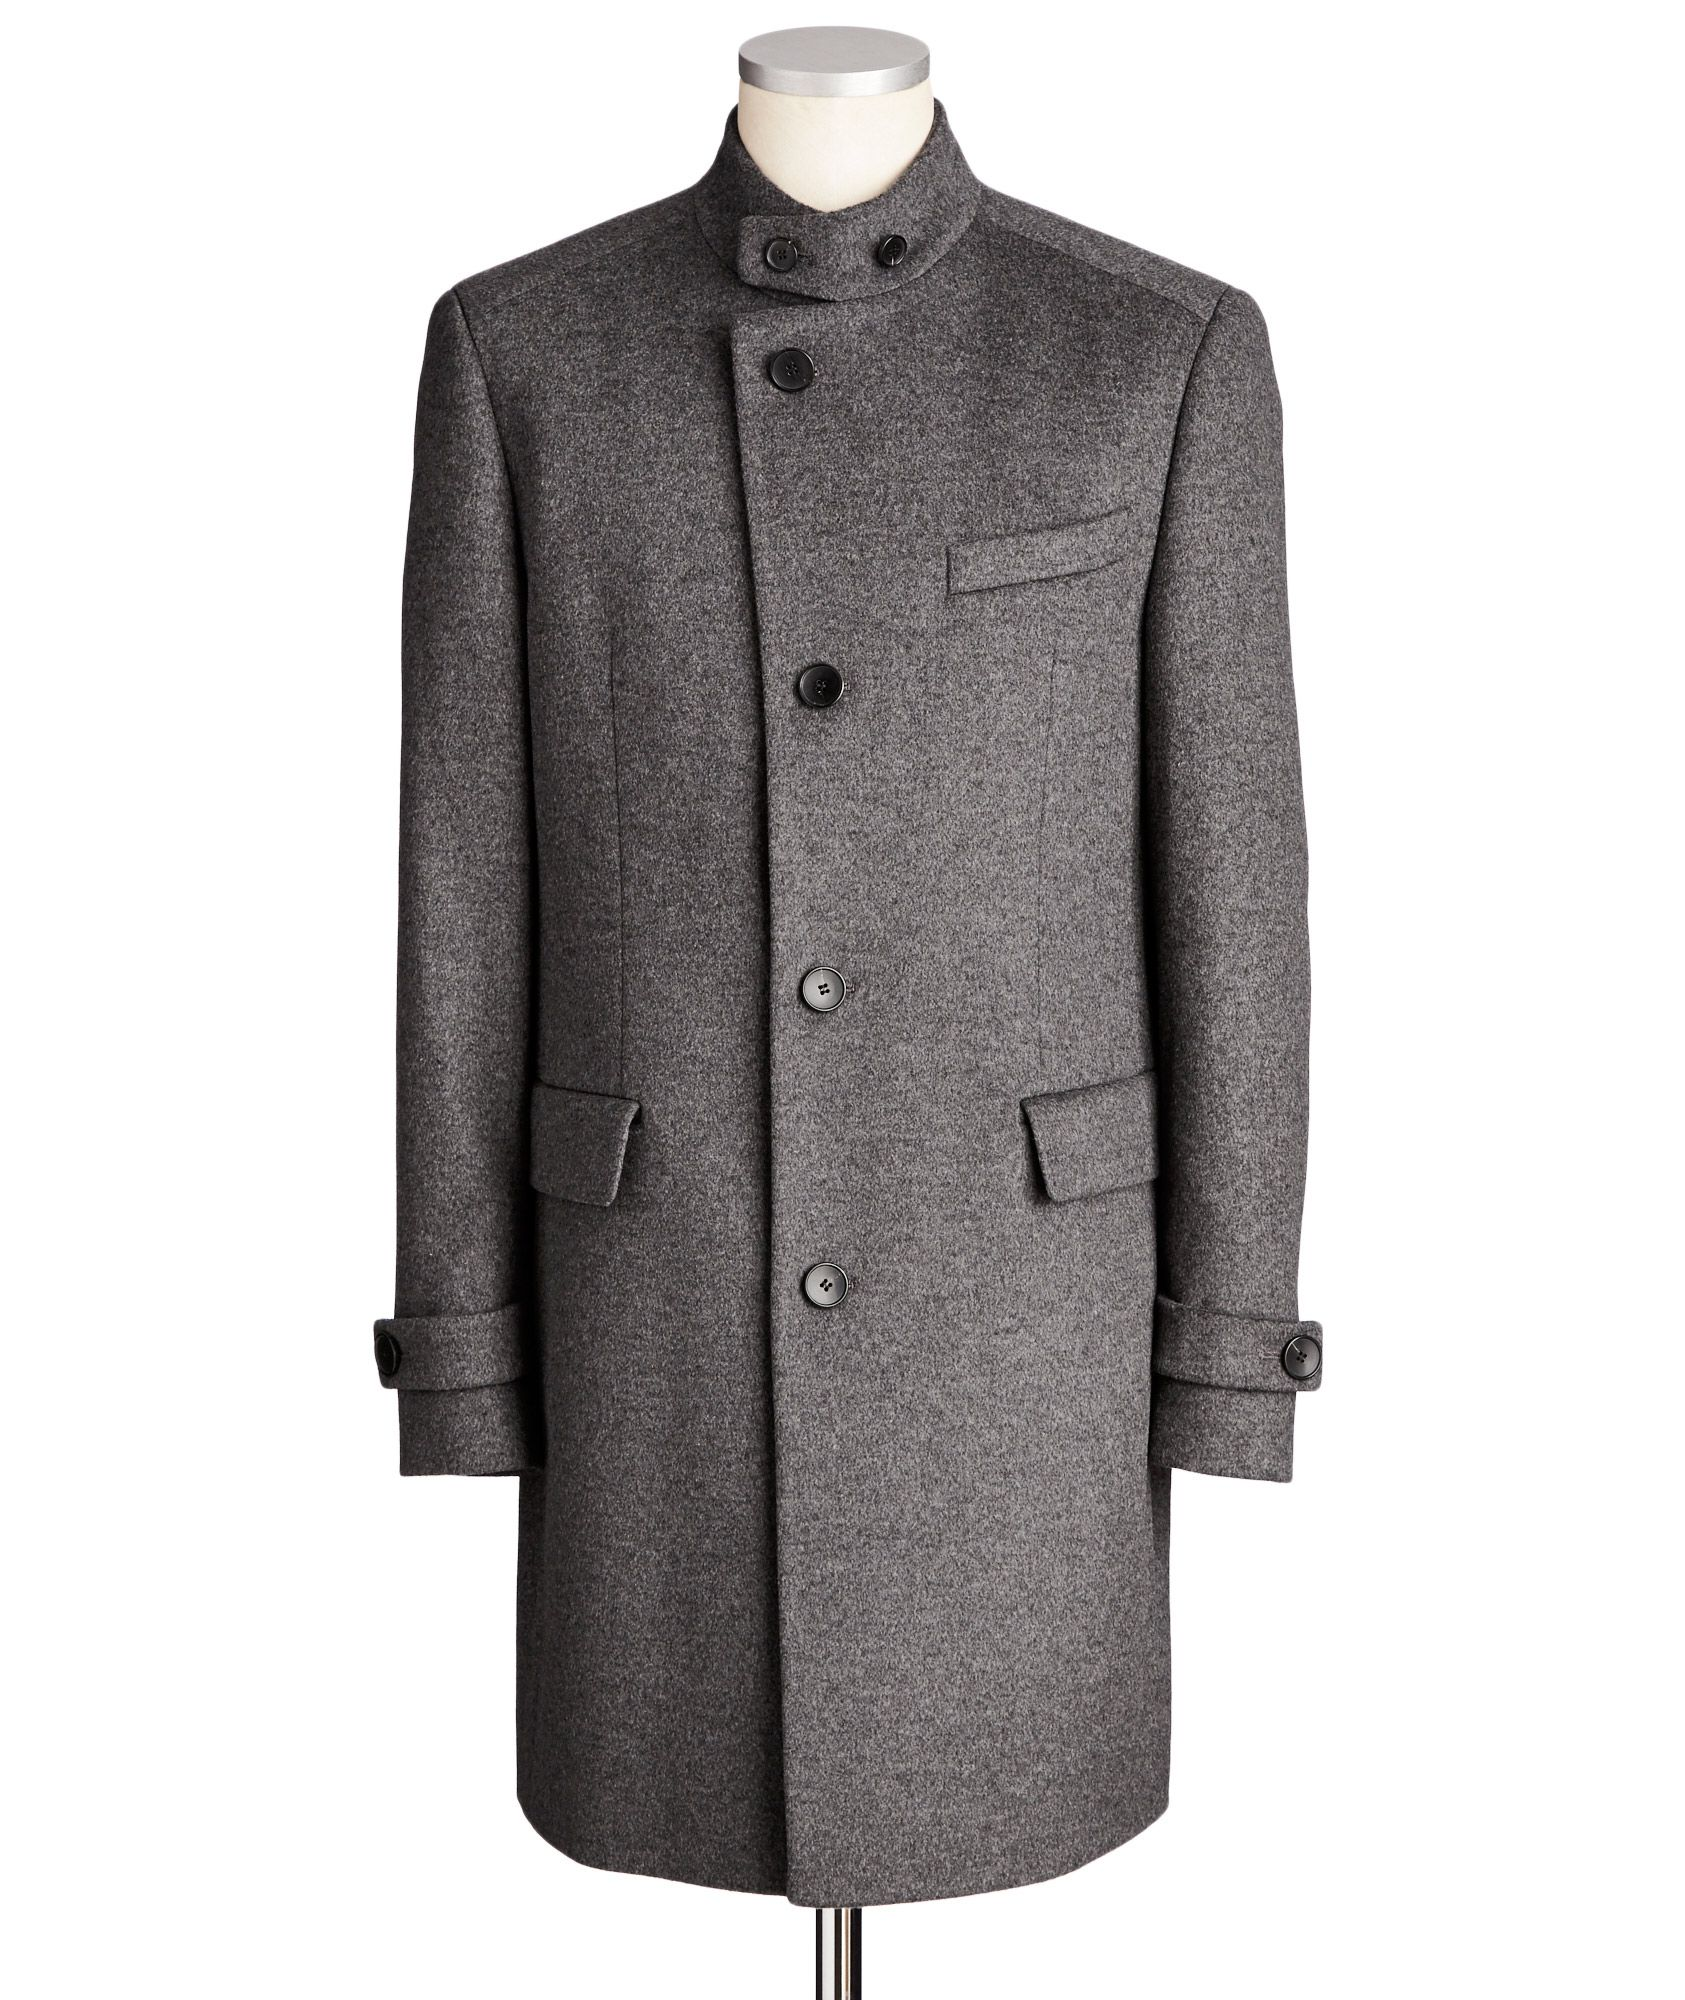 b432027a8620 BOSS Cashmere Blend Coat